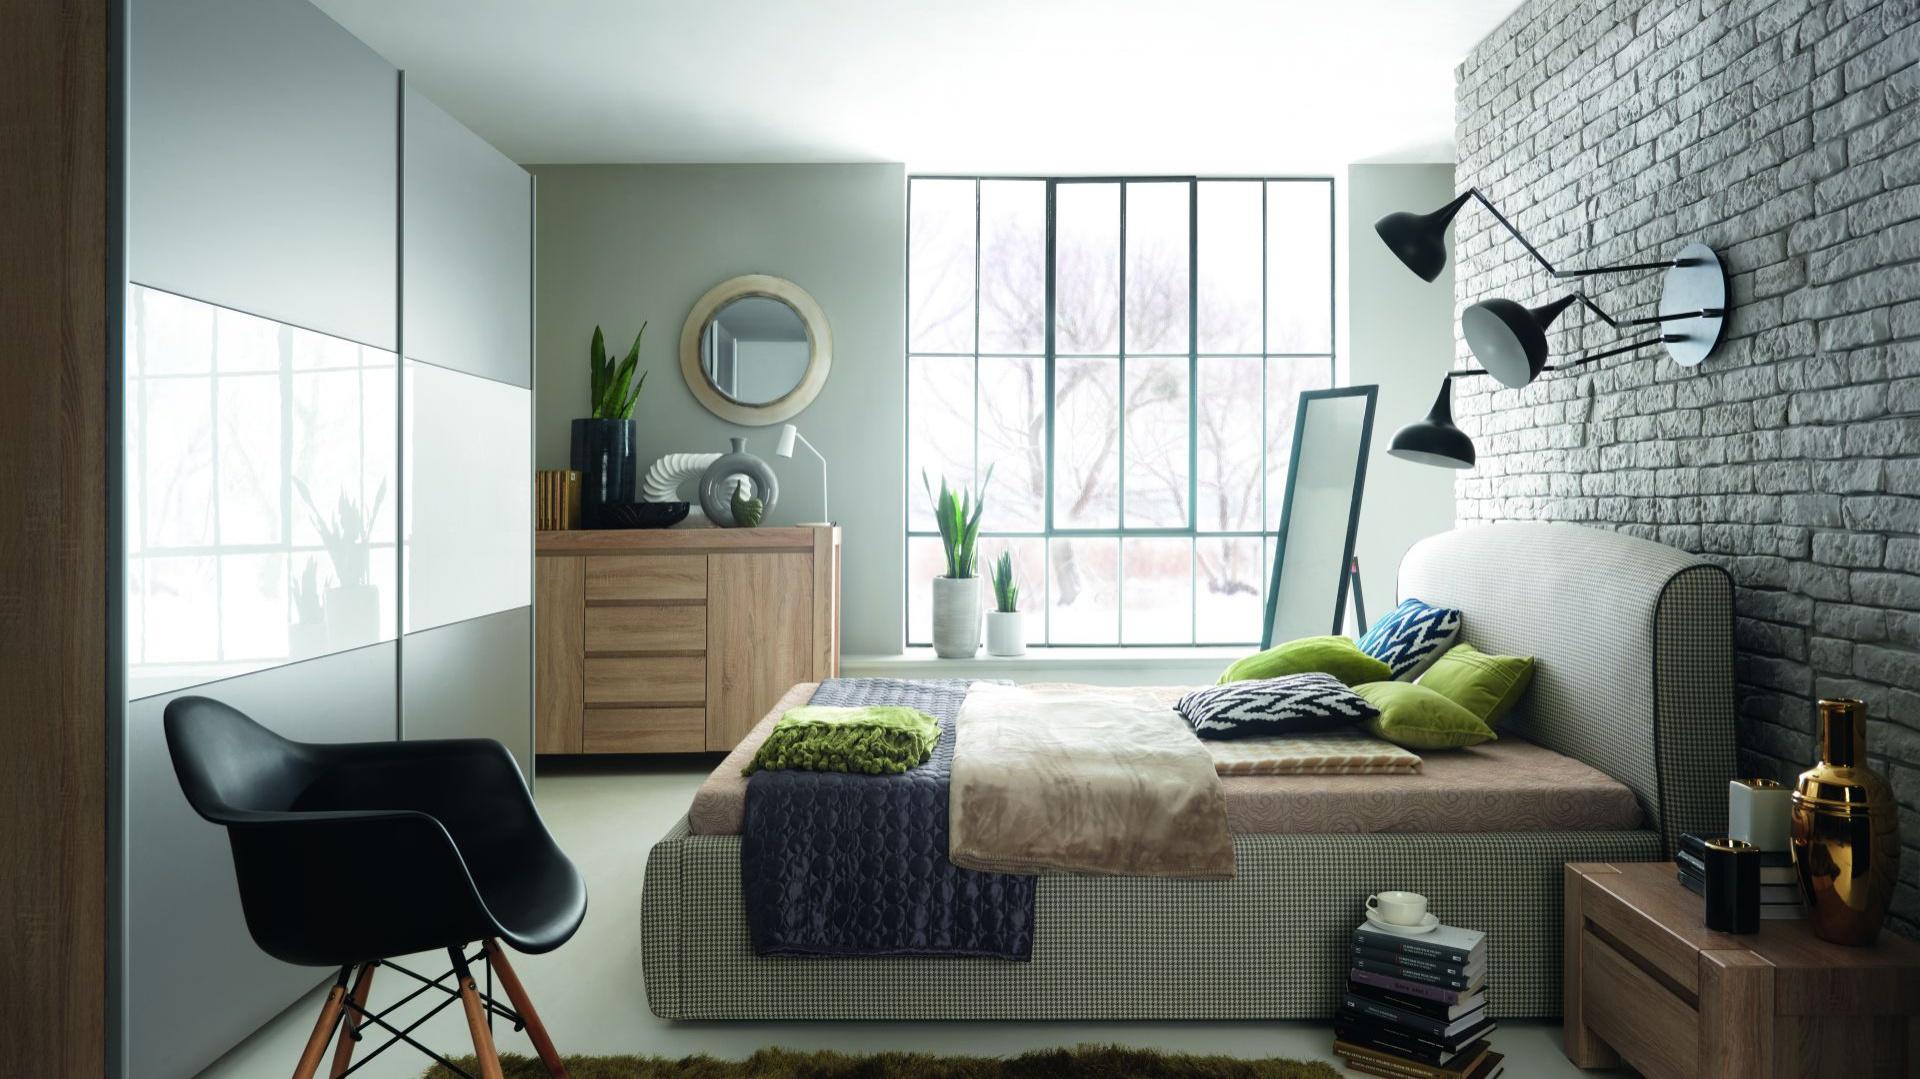 Łóżko z kolekcji Alice ma przyjemną w dotyku tkaninę. Do każdej sypialni wprowadzi przytulny i wygodny nastrój. Fot. Black Red White.